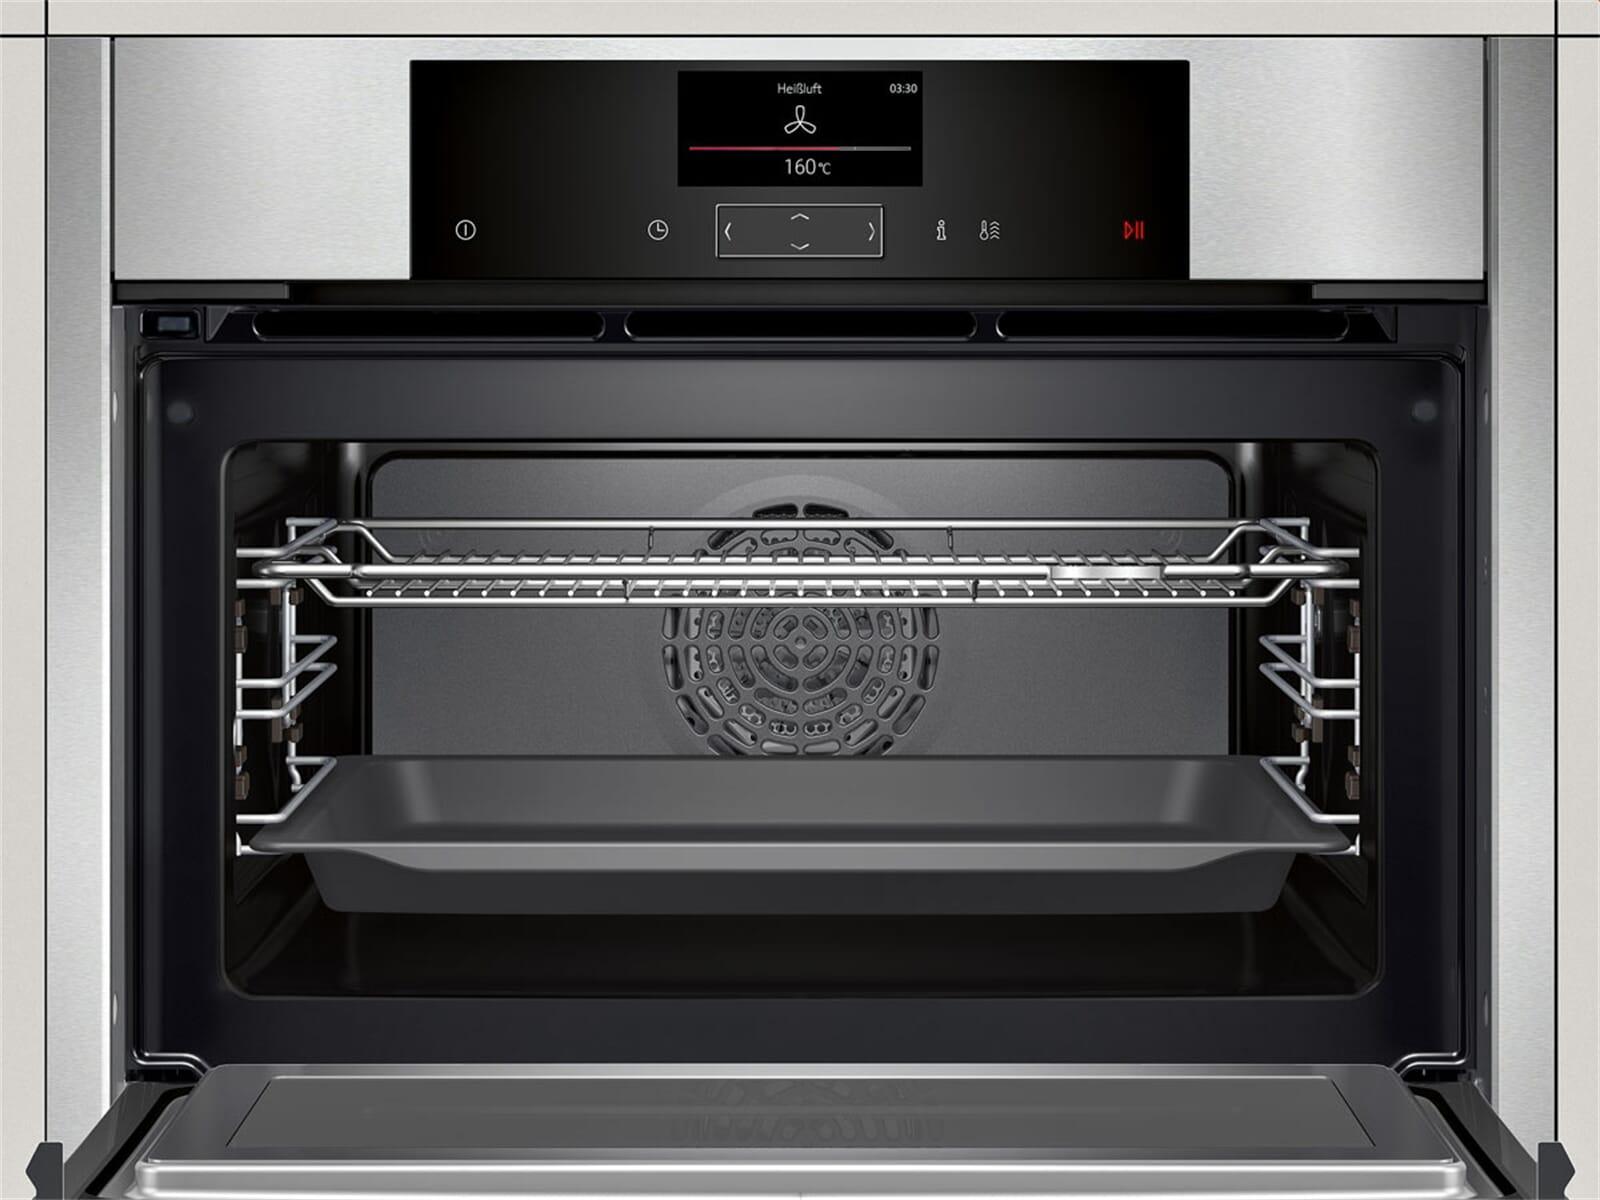 neff cms 1522 n kompakt backofen mit mikrowelle edelstahl. Black Bedroom Furniture Sets. Home Design Ideas